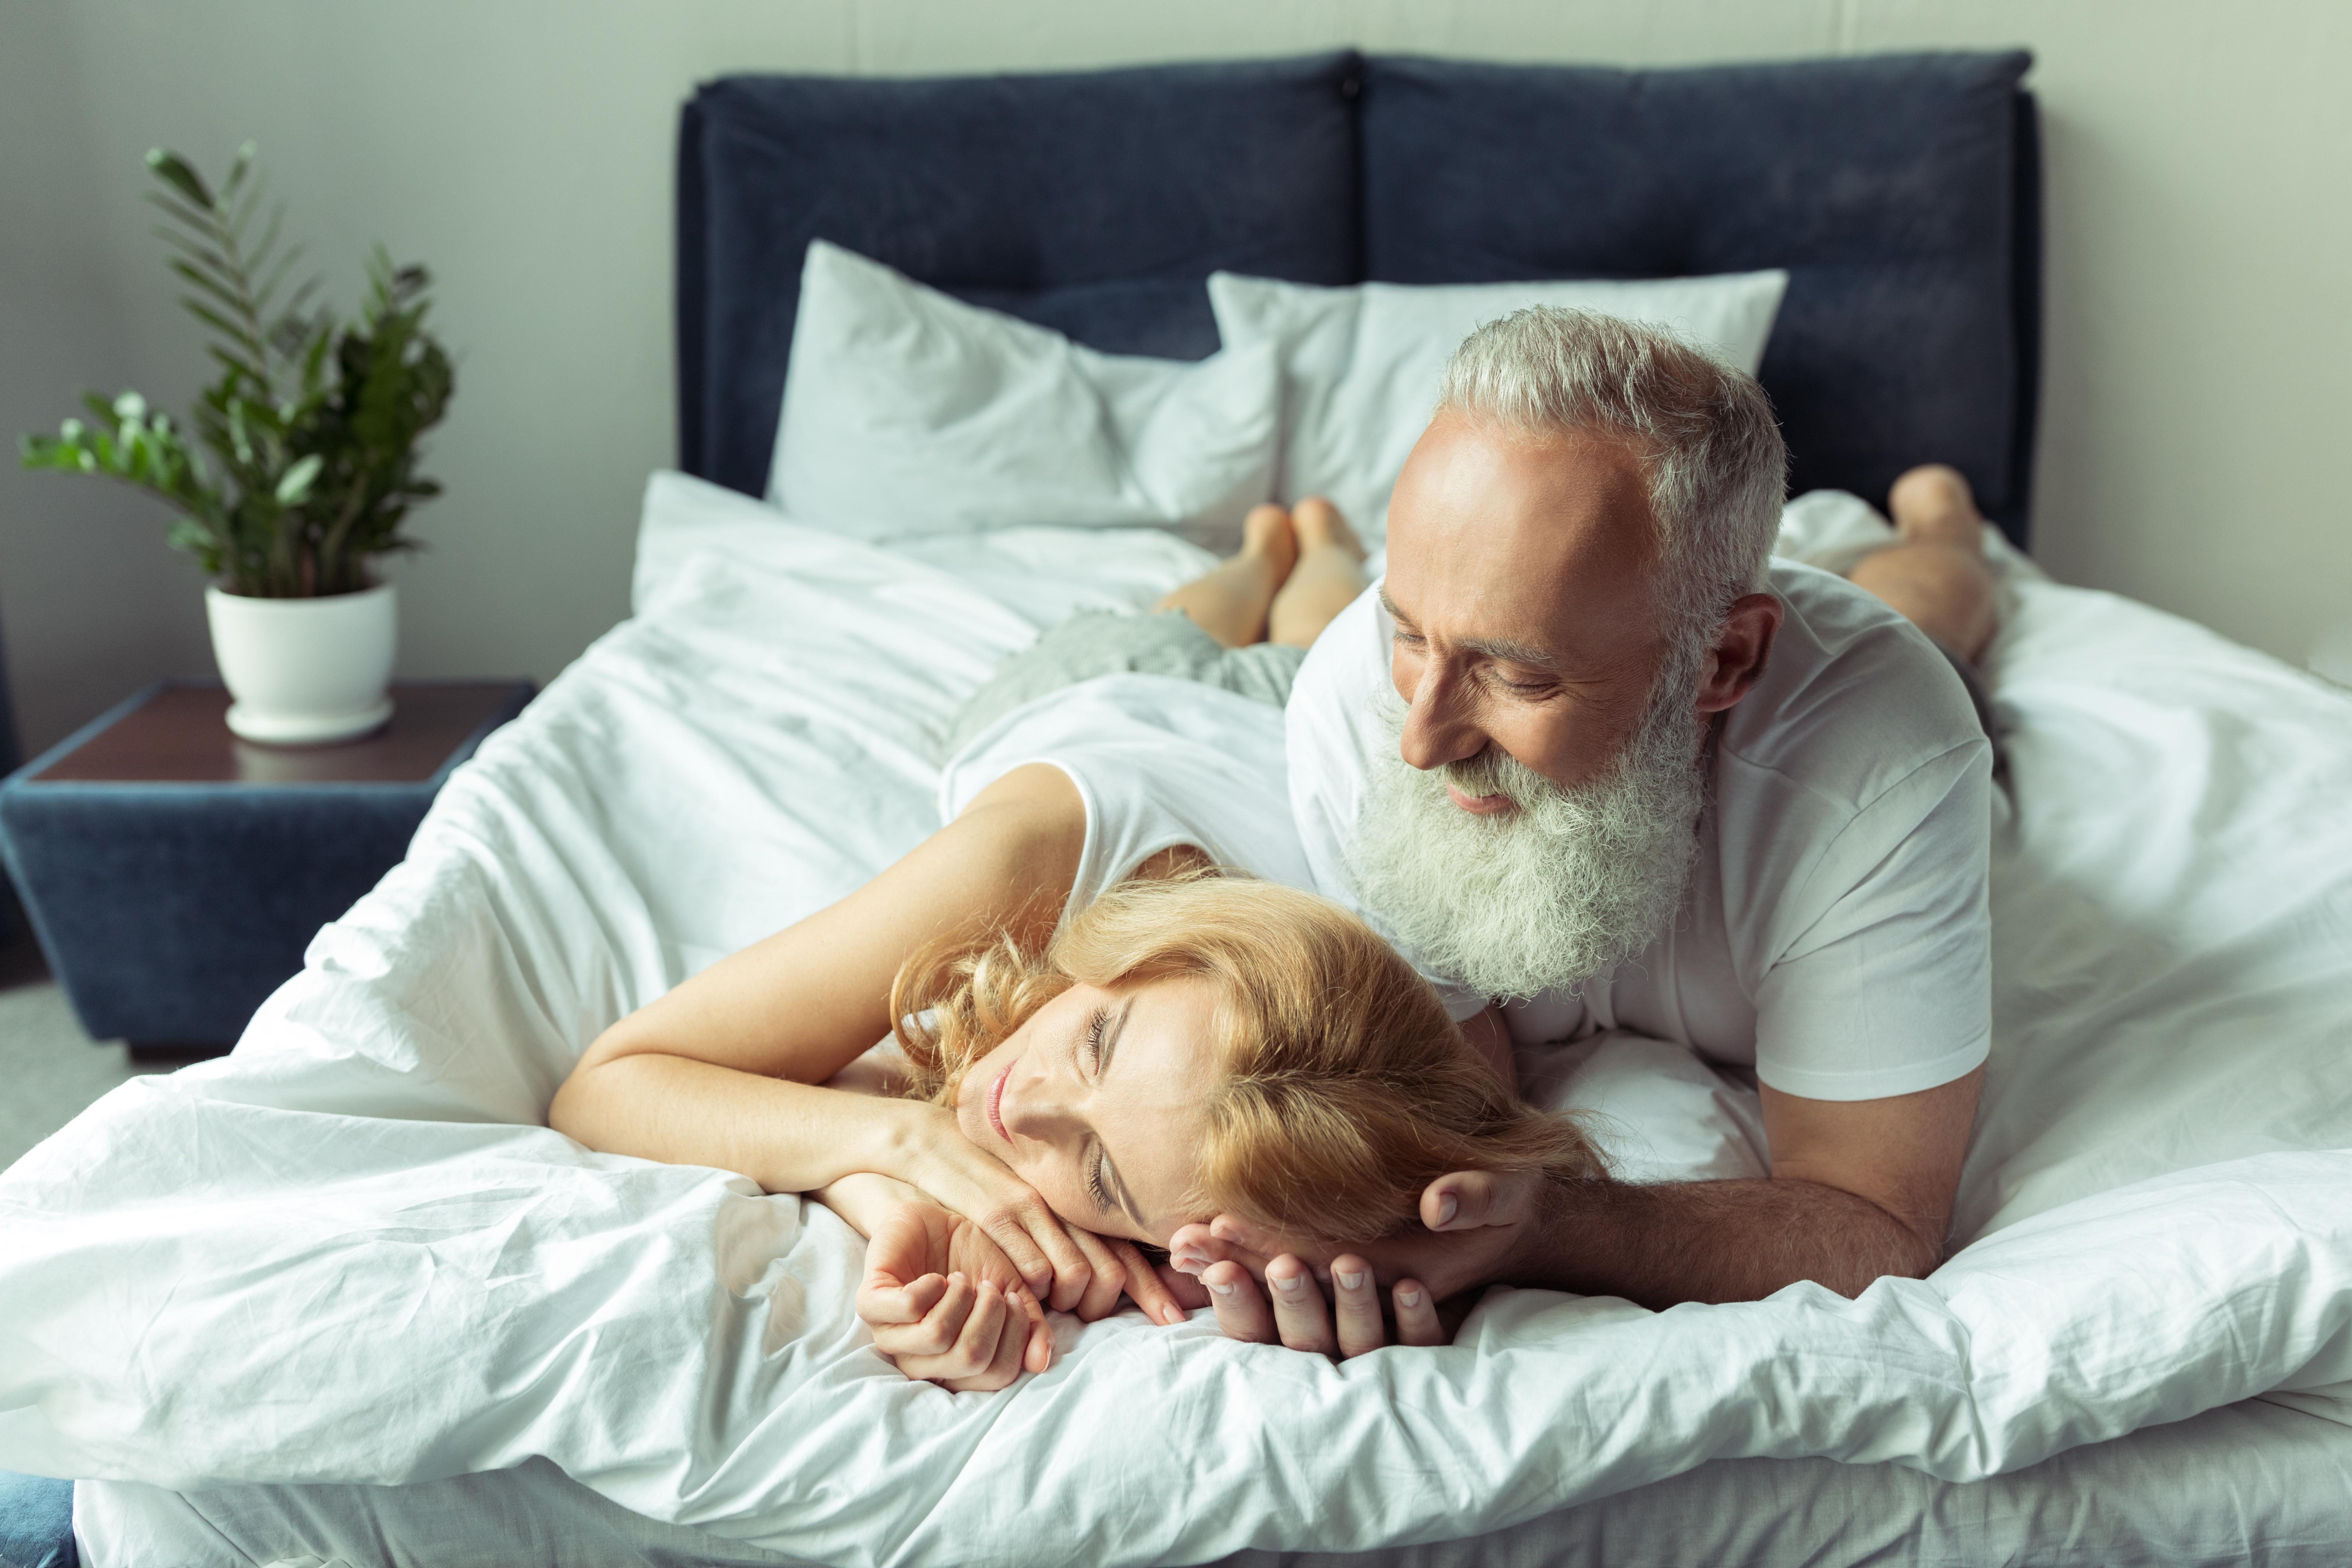 Majoriteten av kvinnorna i undersökningen lyfter fram närheten till partnern som det bästa med sex.